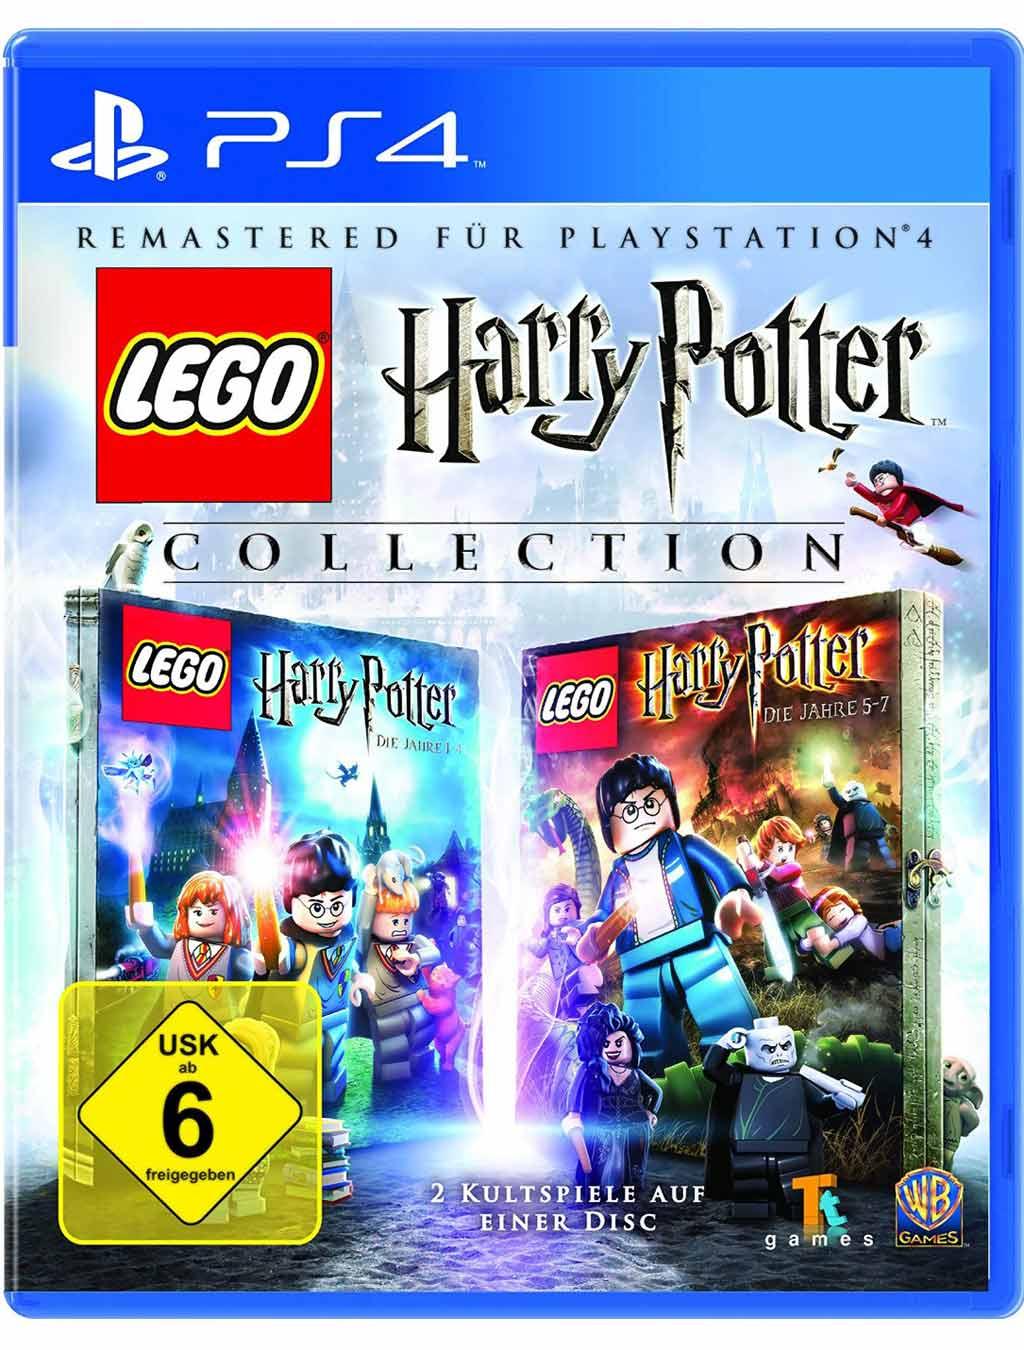 LEGO Harry Potter Collection für die PlayStation 4: Zwei auf einen Streich! | © Warner Bros. Entertainment